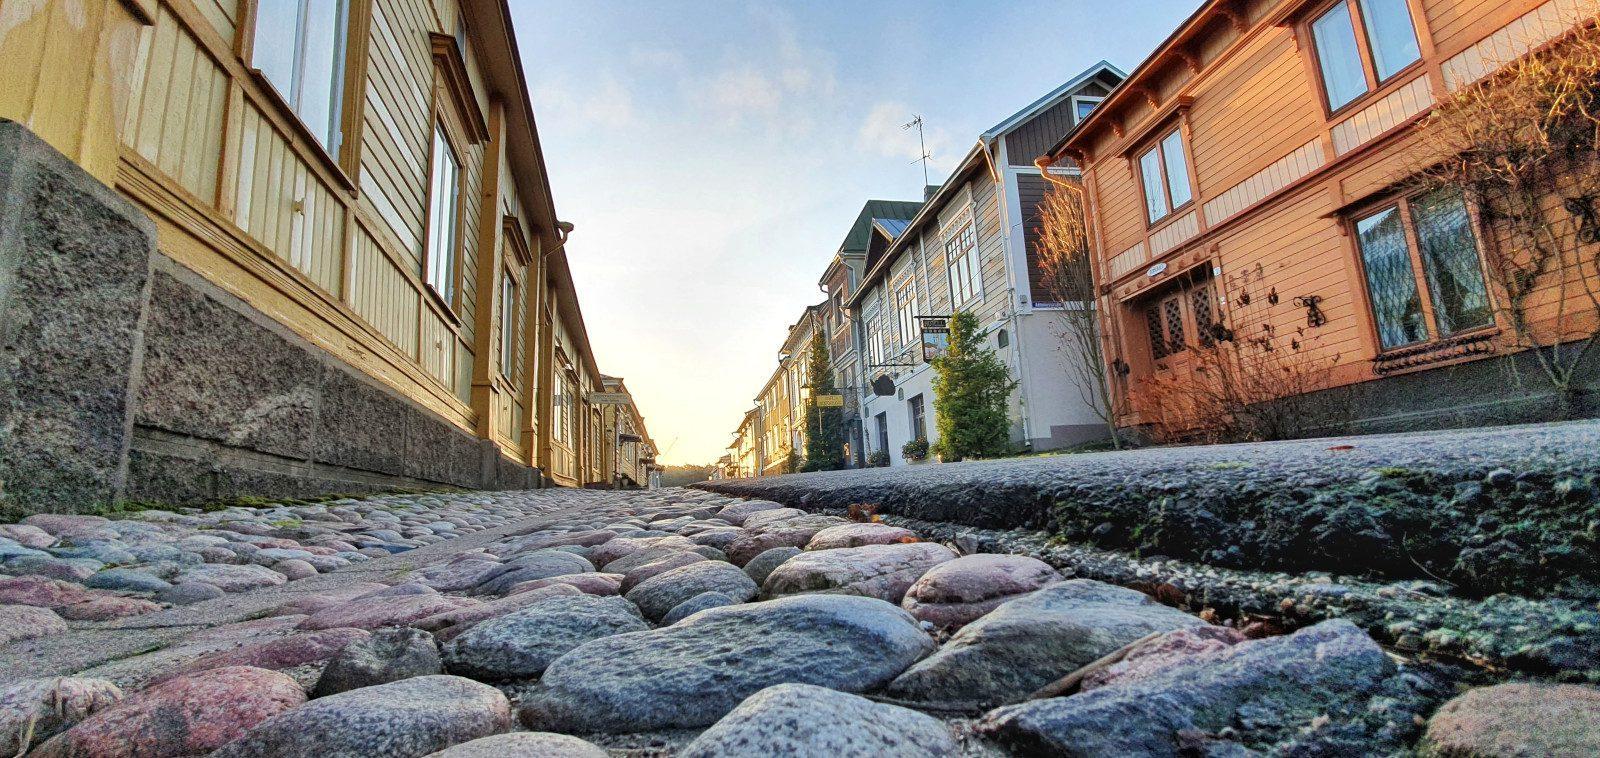 Katutasolta kuvattu näkymä Naantalin vanhan kaupungin Mannerheiminkadulle. Mukulakivetys ja oranssin ja keltaisen sävyisiä puutaloja.